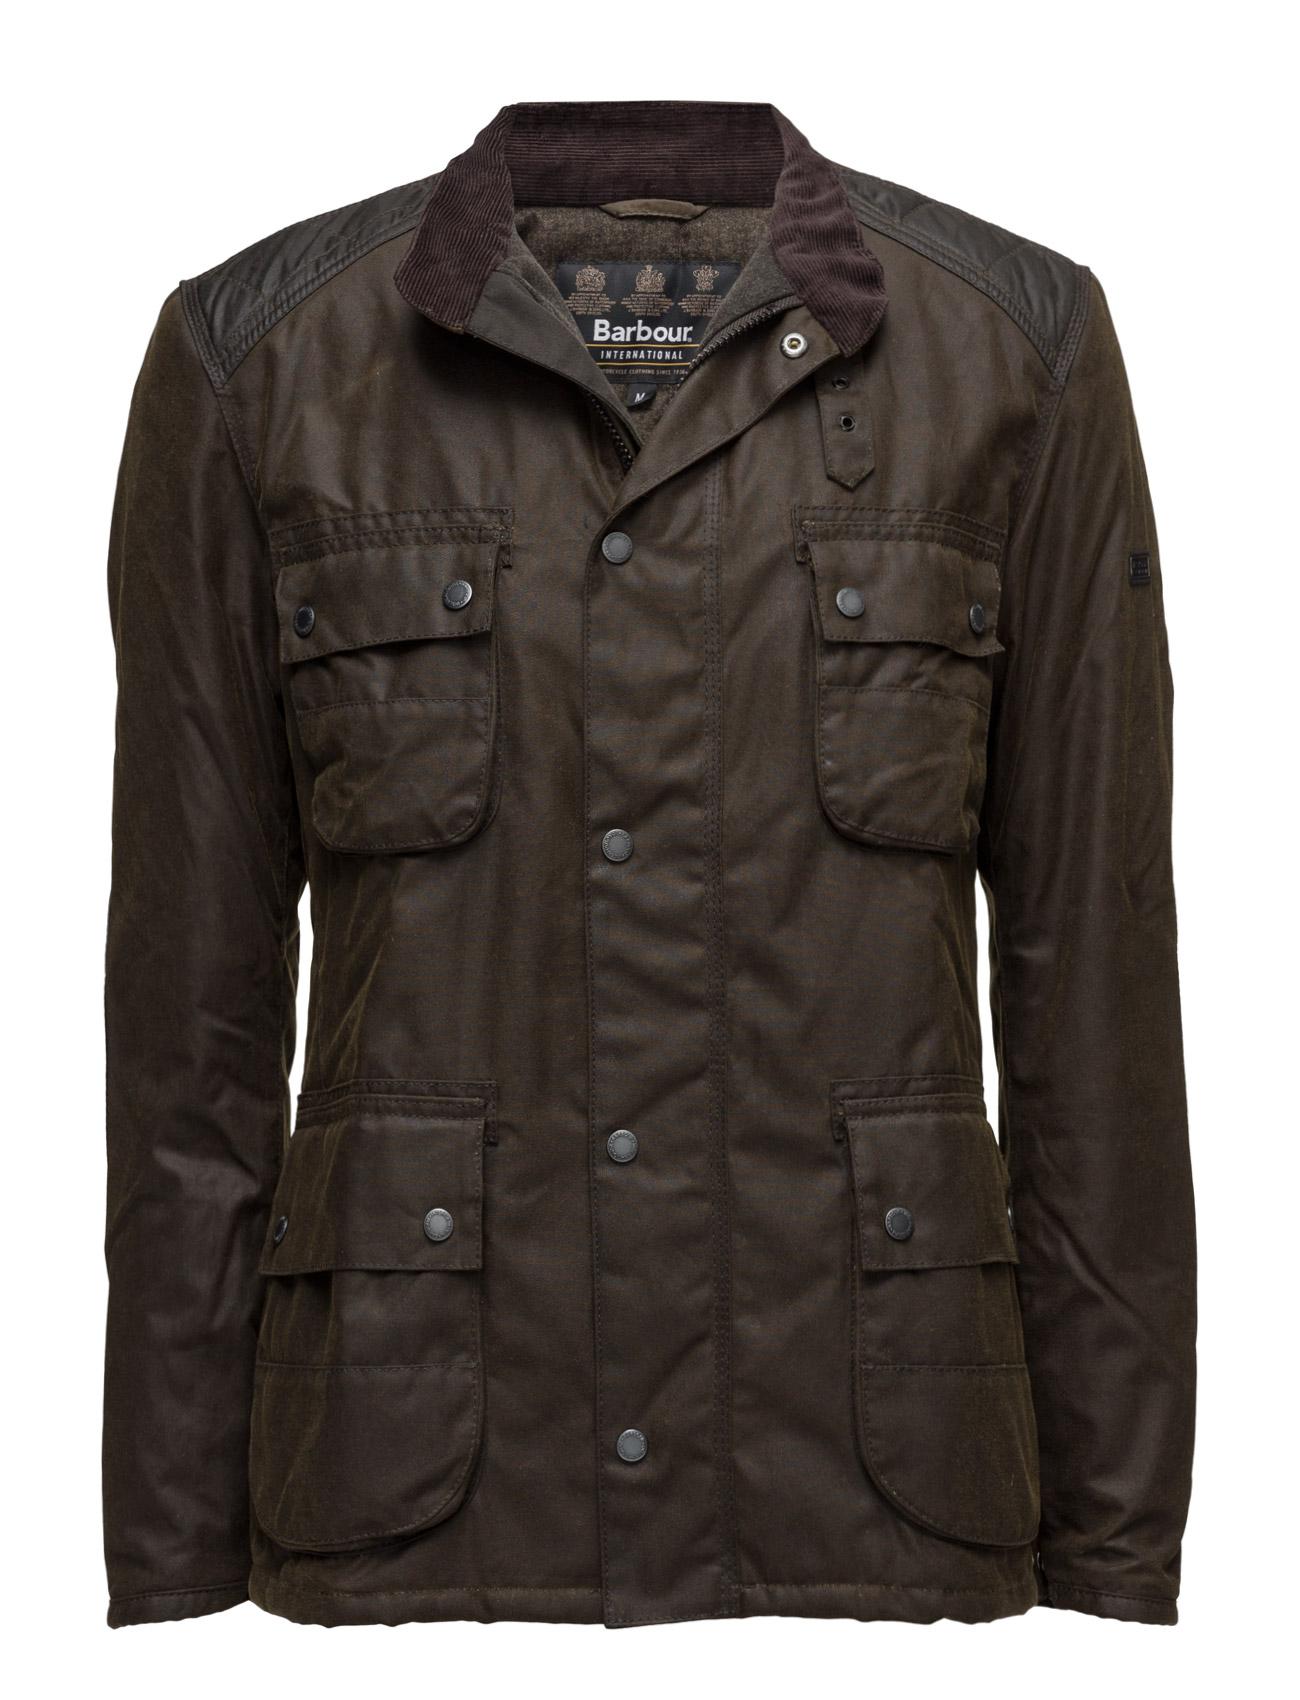 B.intl weir wax jacket fra barbour på boozt.com dk